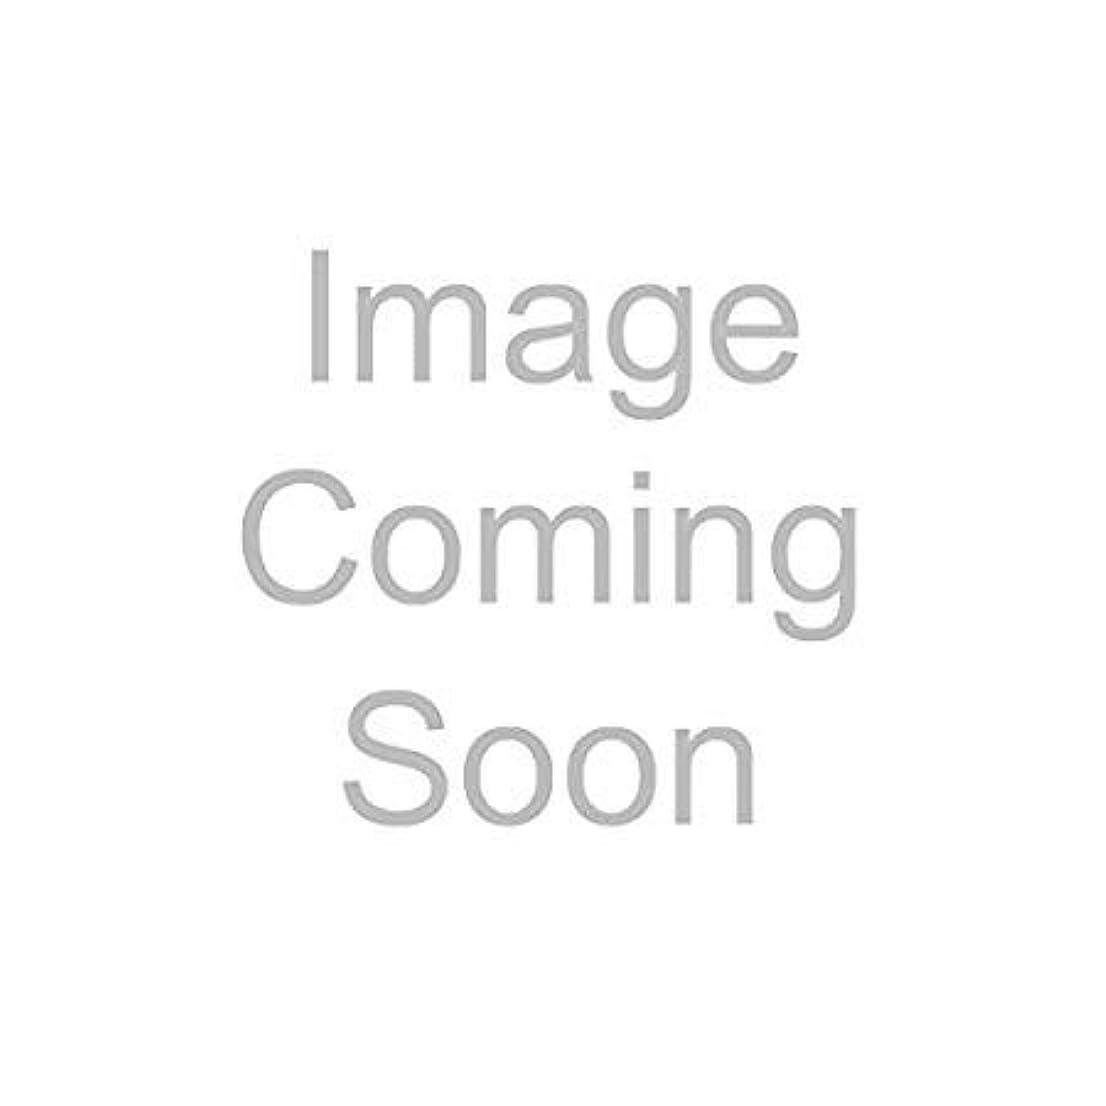 しなやかな遠え資格情報ディプティック キャンドル - サンタル(サンダルウッド) 190g/6.5oz並行輸入品